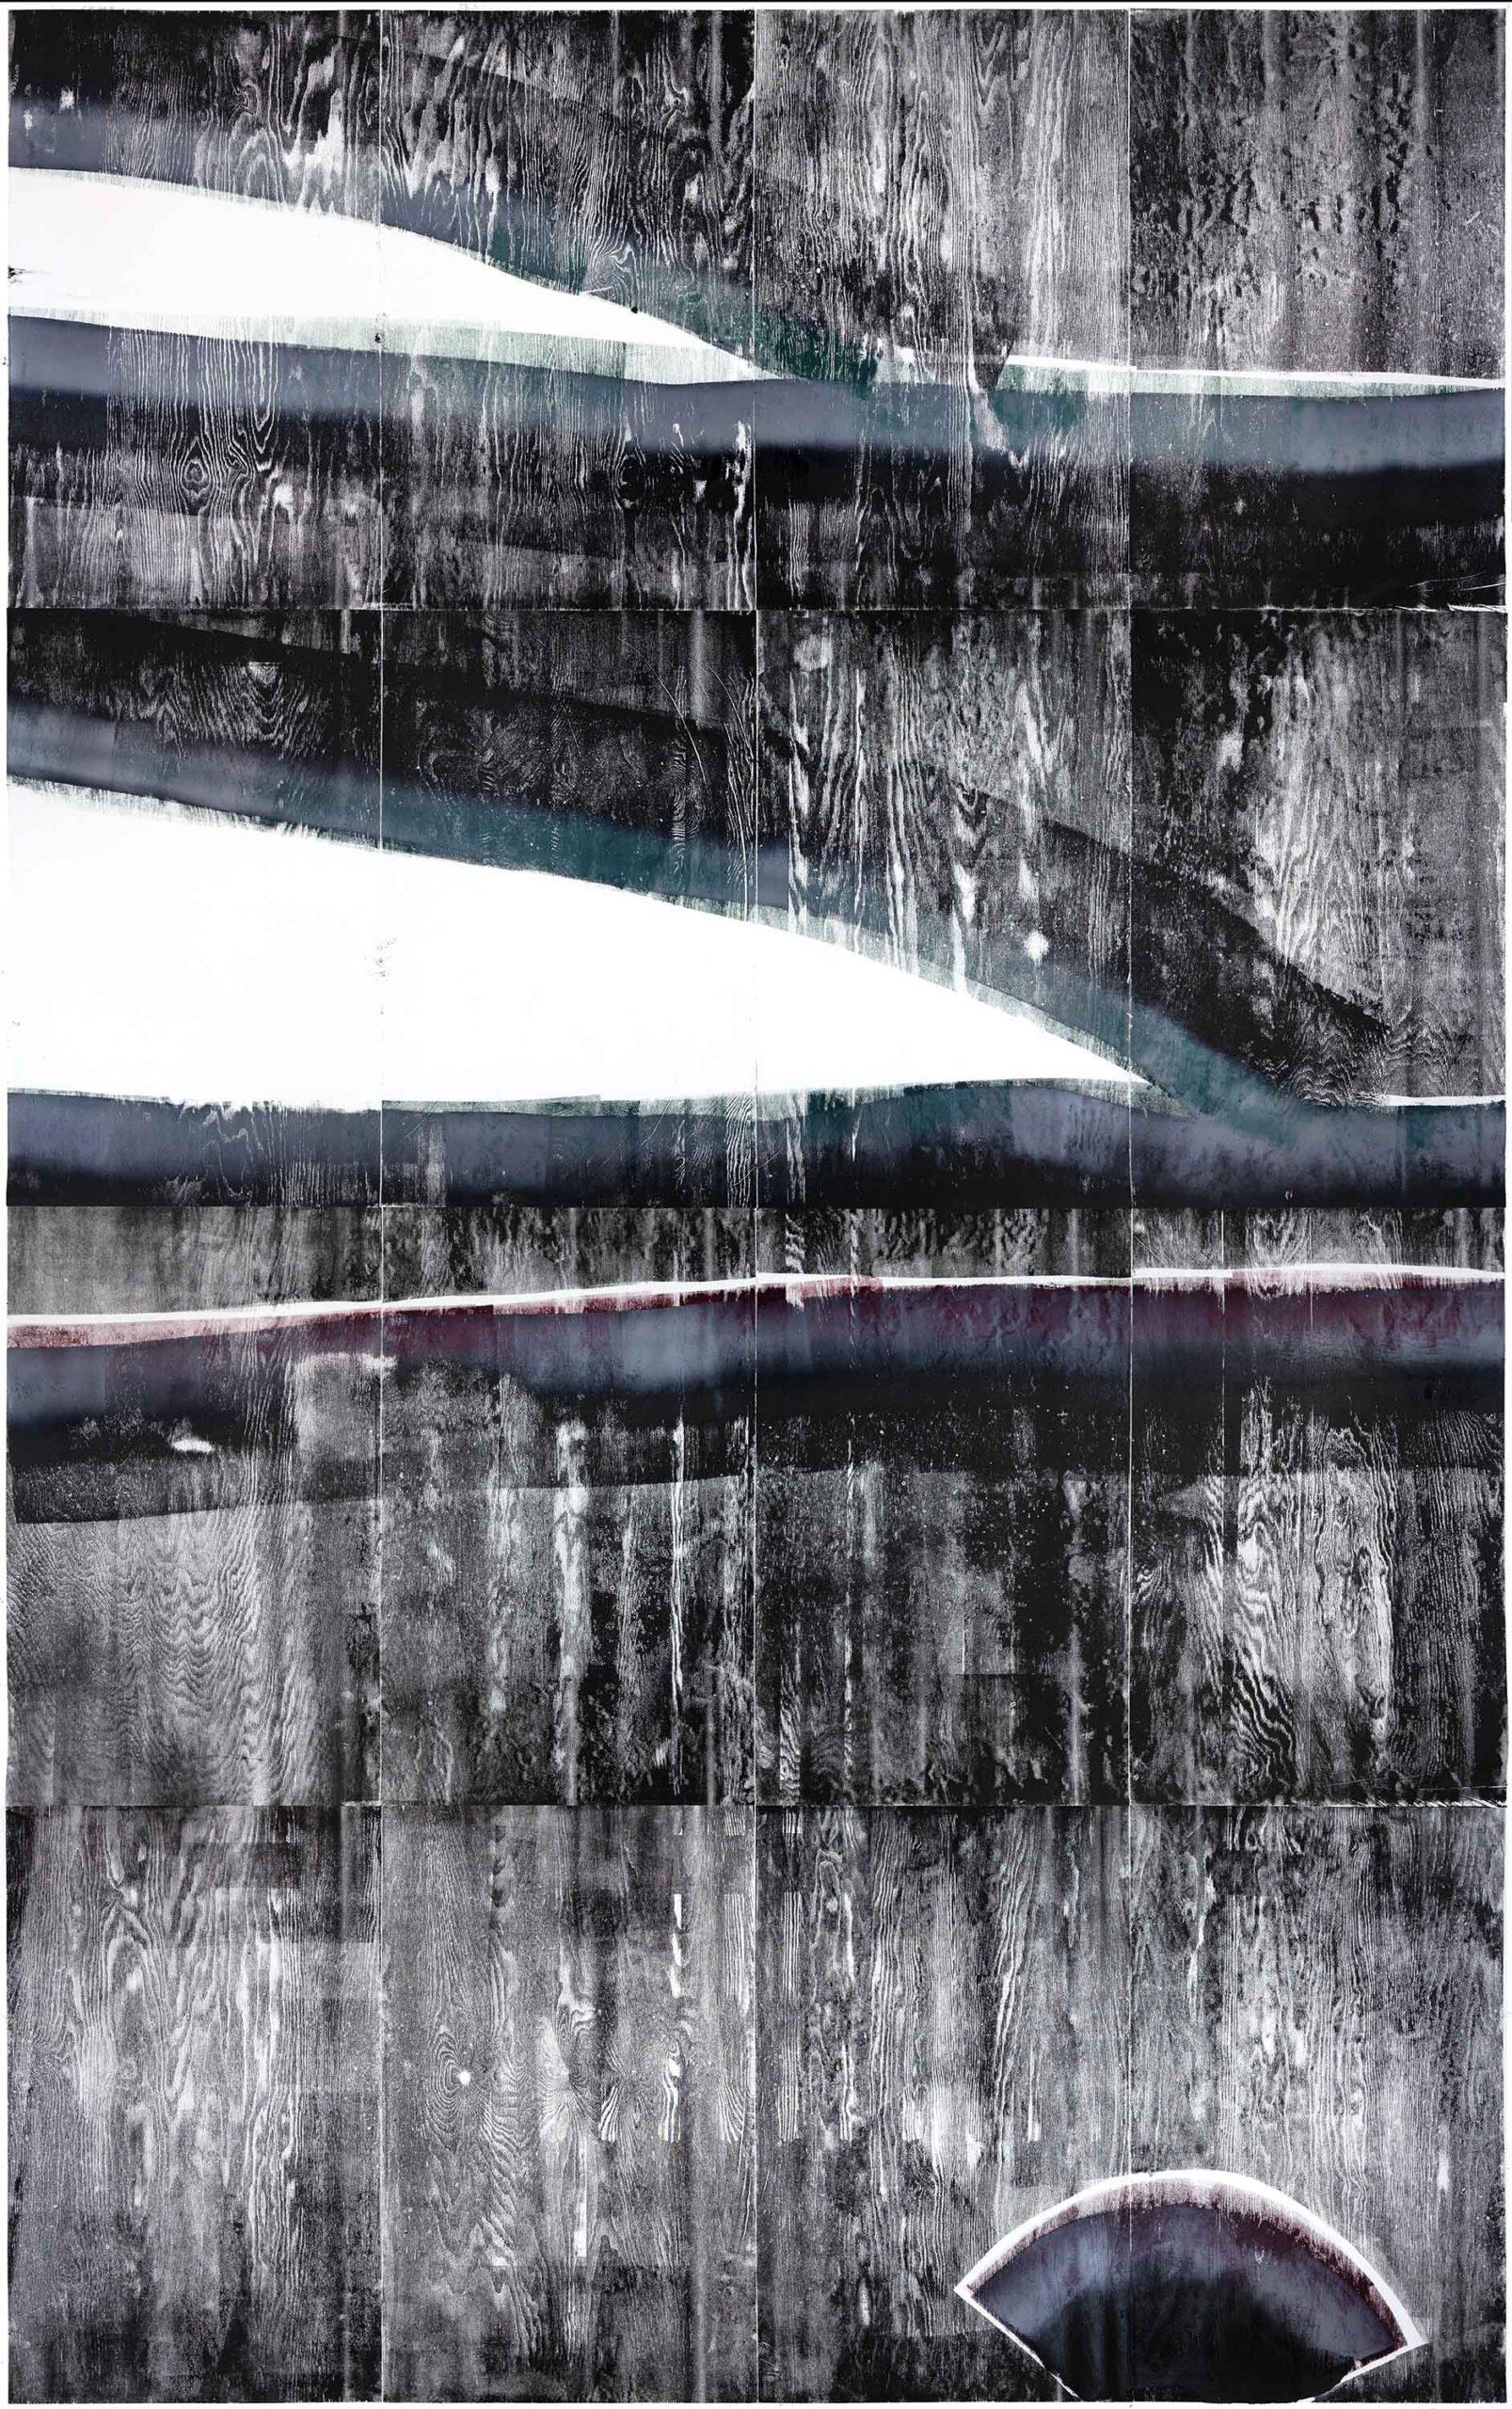 Eintretende Aussparung der Zeit 2, 2020, wood engraving, 403,9 x 259,8 cm, Genaro Strobel